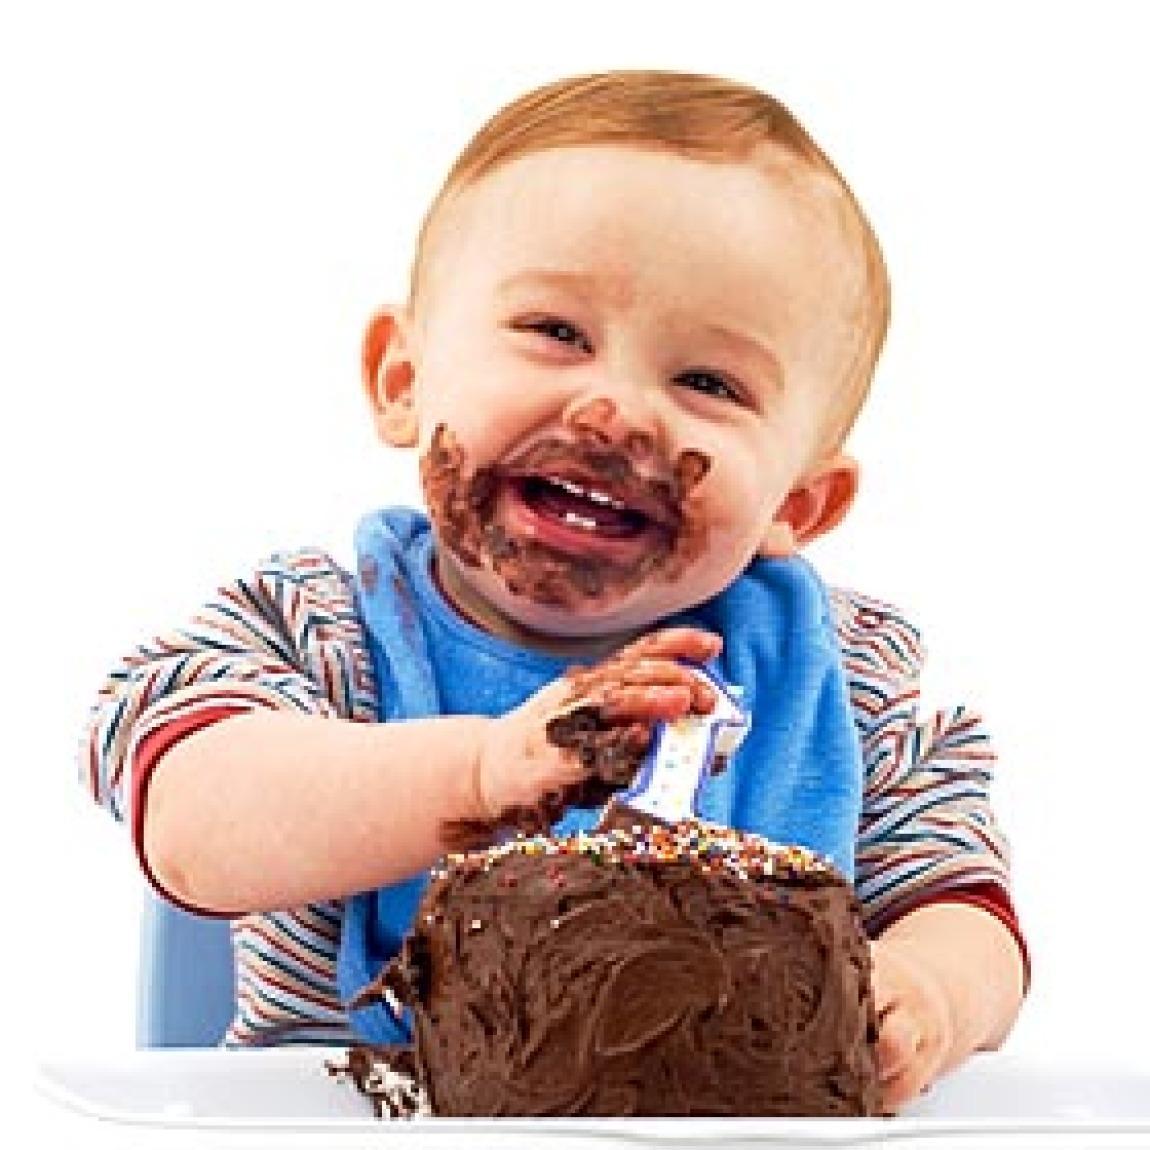 How To Bake A Cake (humorous) Recipe